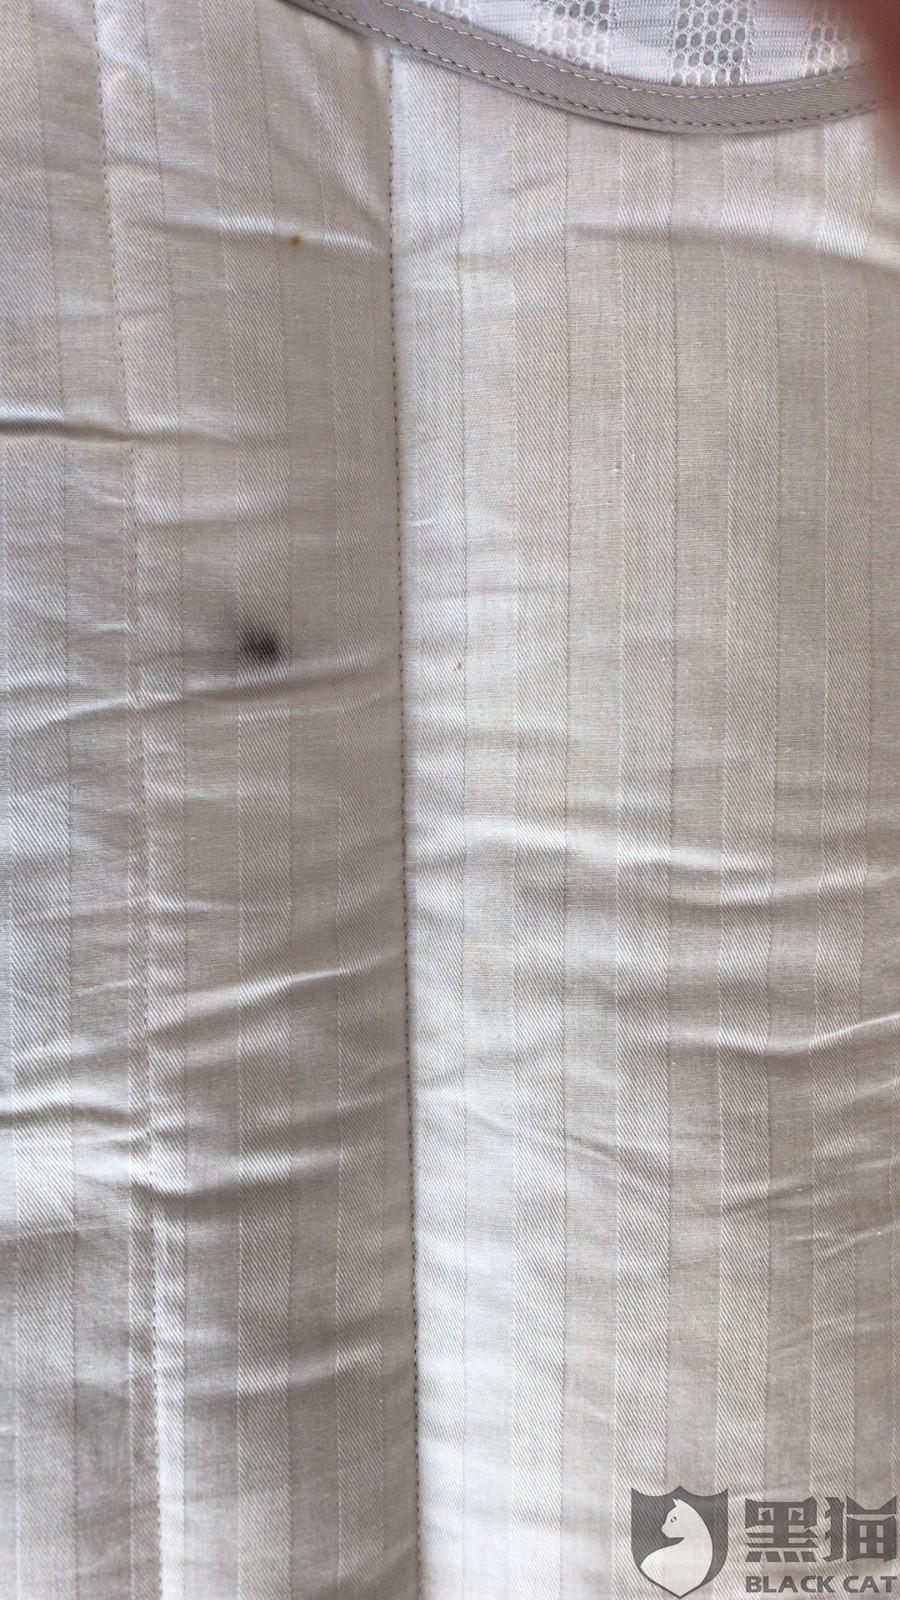 黑猫投诉:唯品会购买的枕头里面都是虫子的尸体